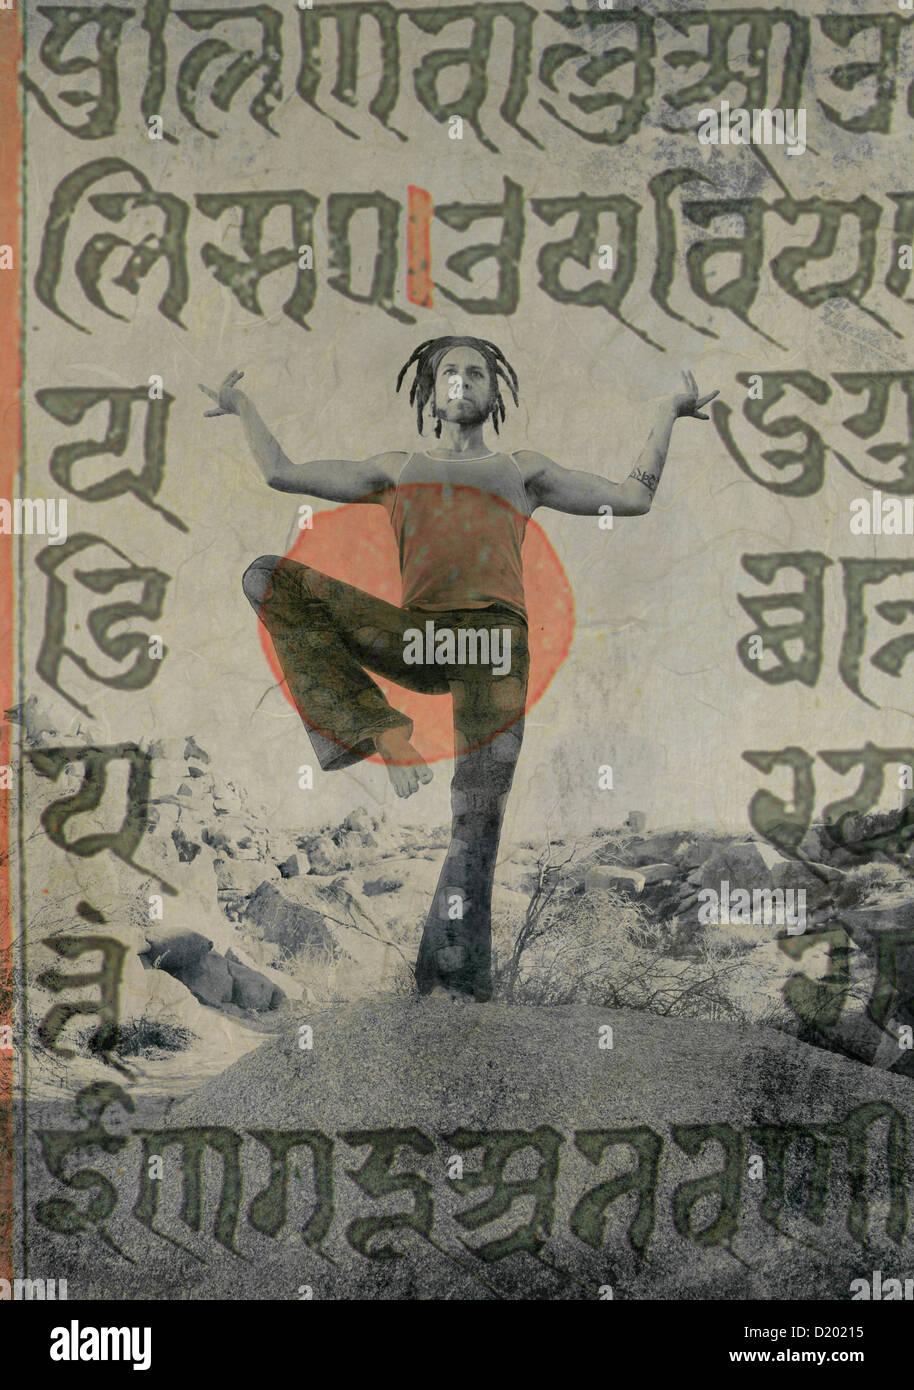 Yogui Shiva bailarín con antiguas sagradas escrituras sánscritas superpuestos. Imagen De Stock